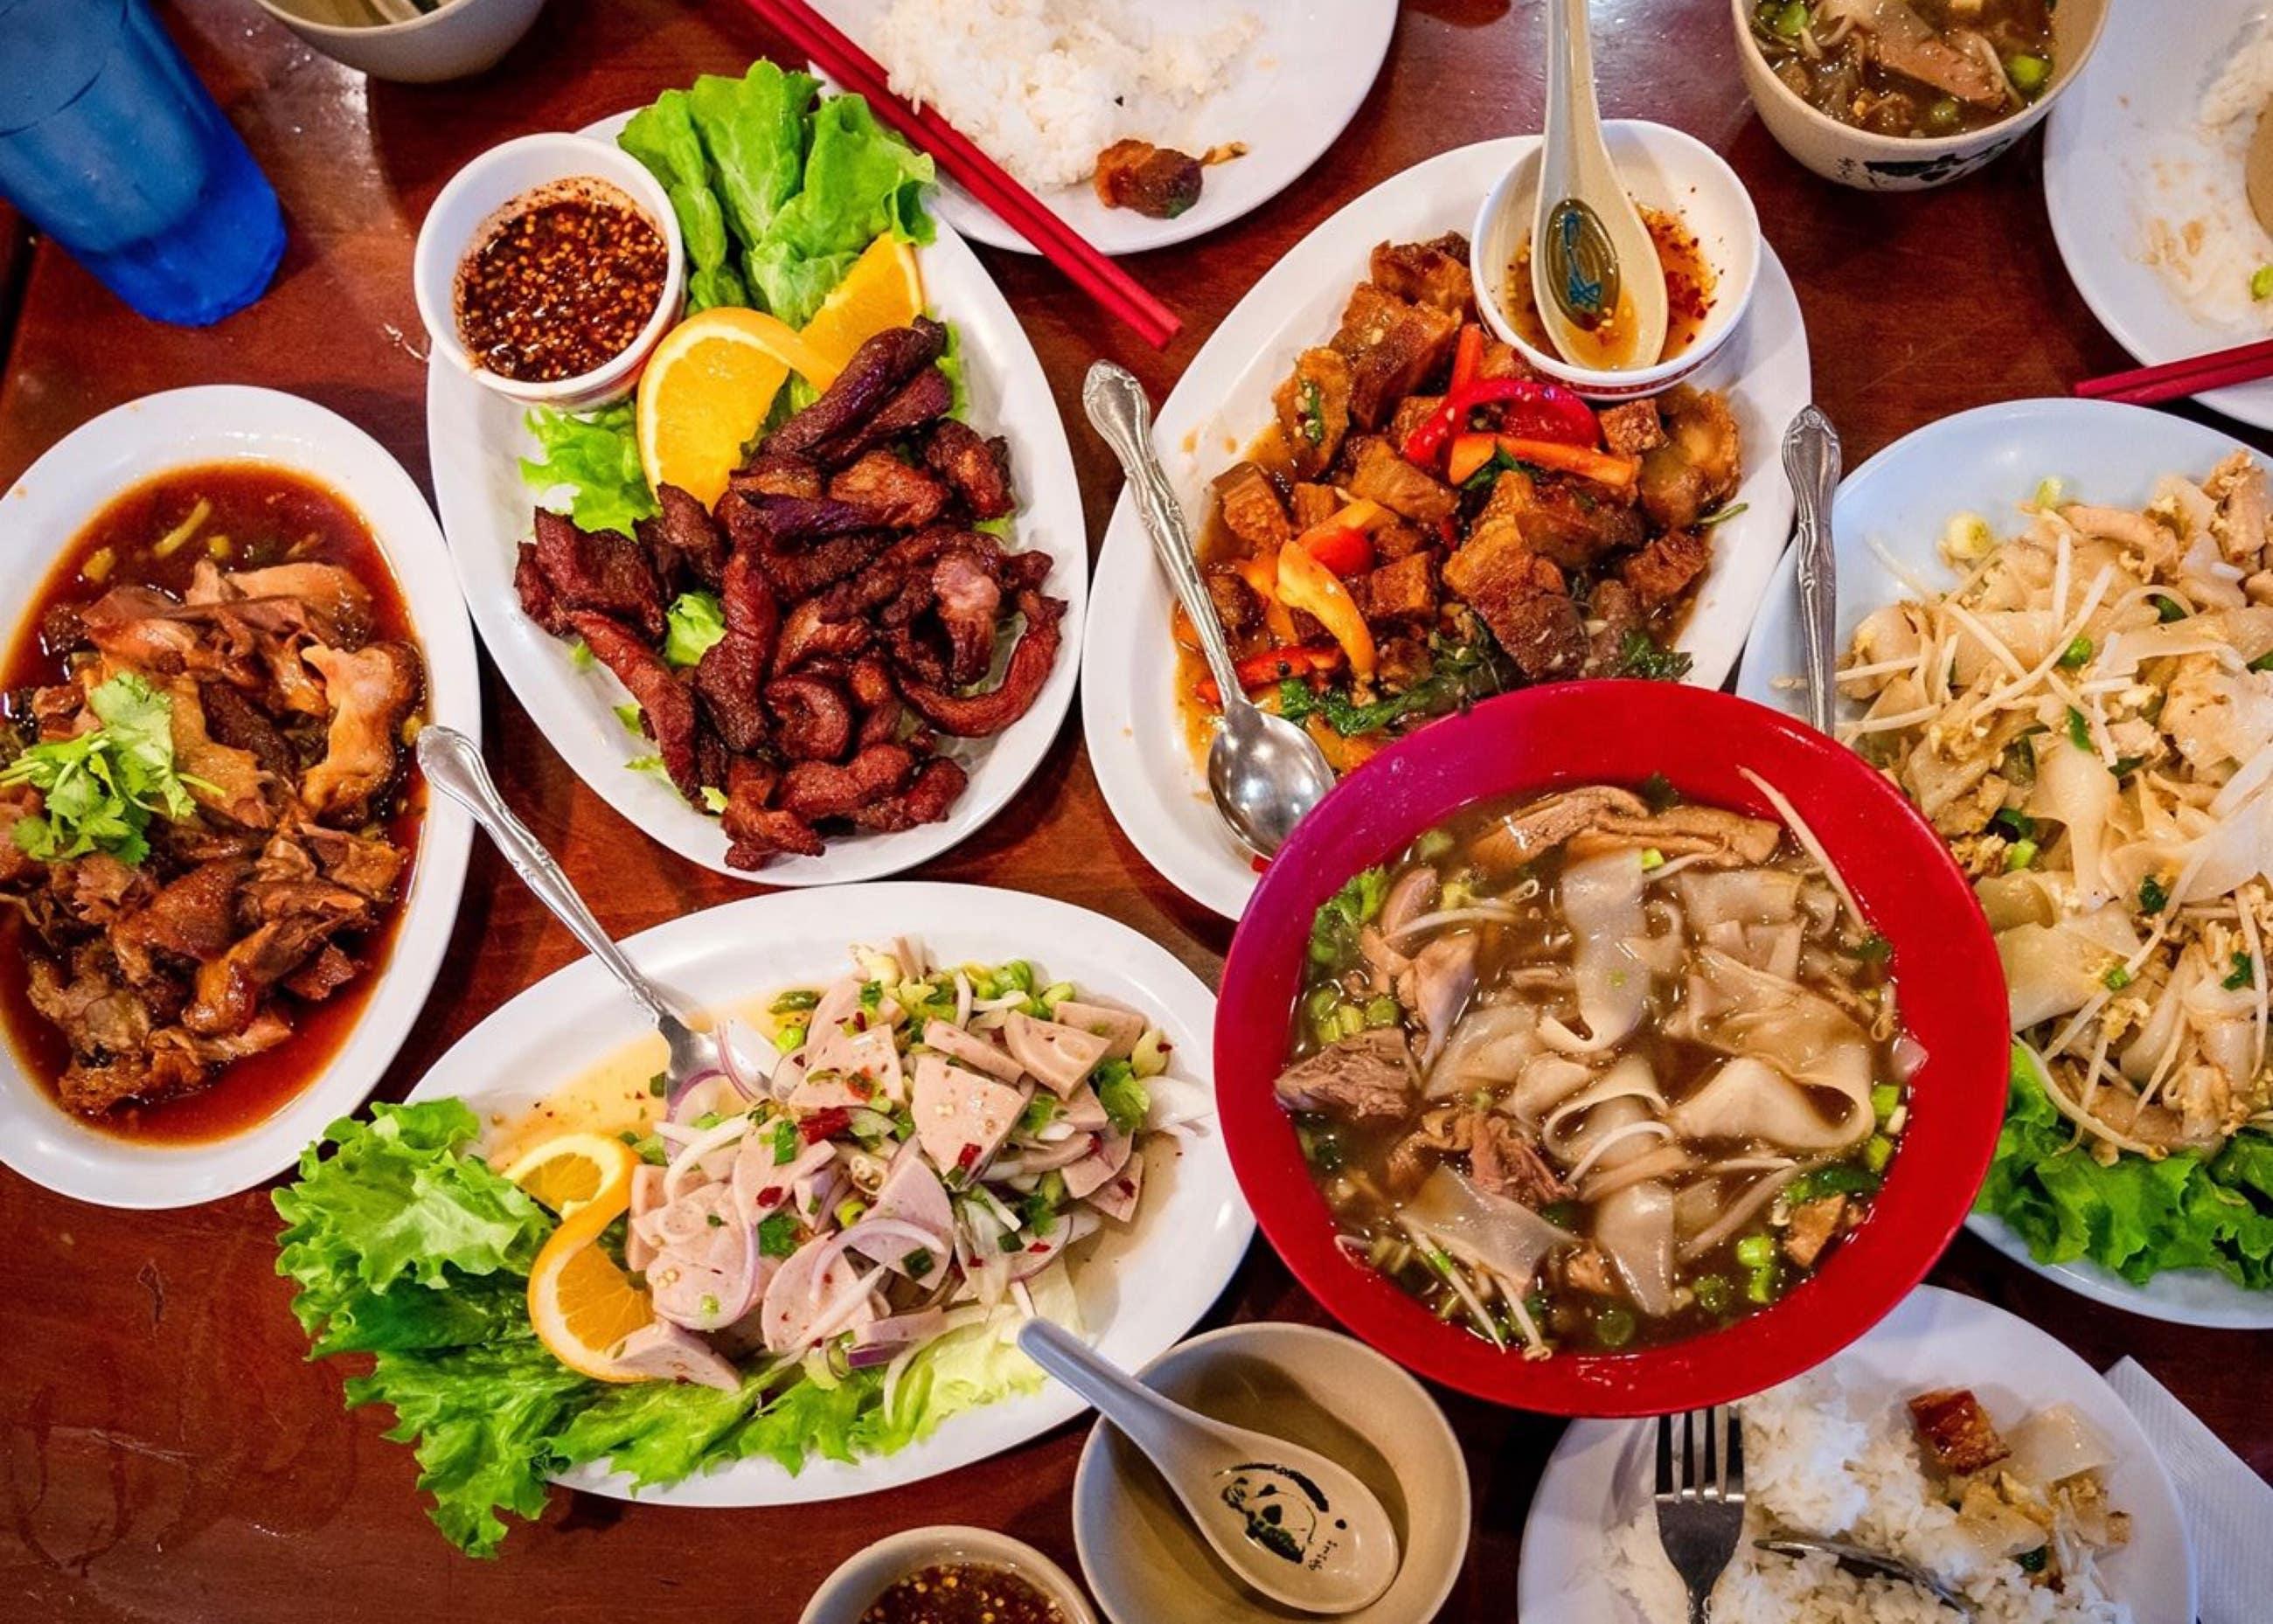 Late night feast at Ruen Pair in Thai Town